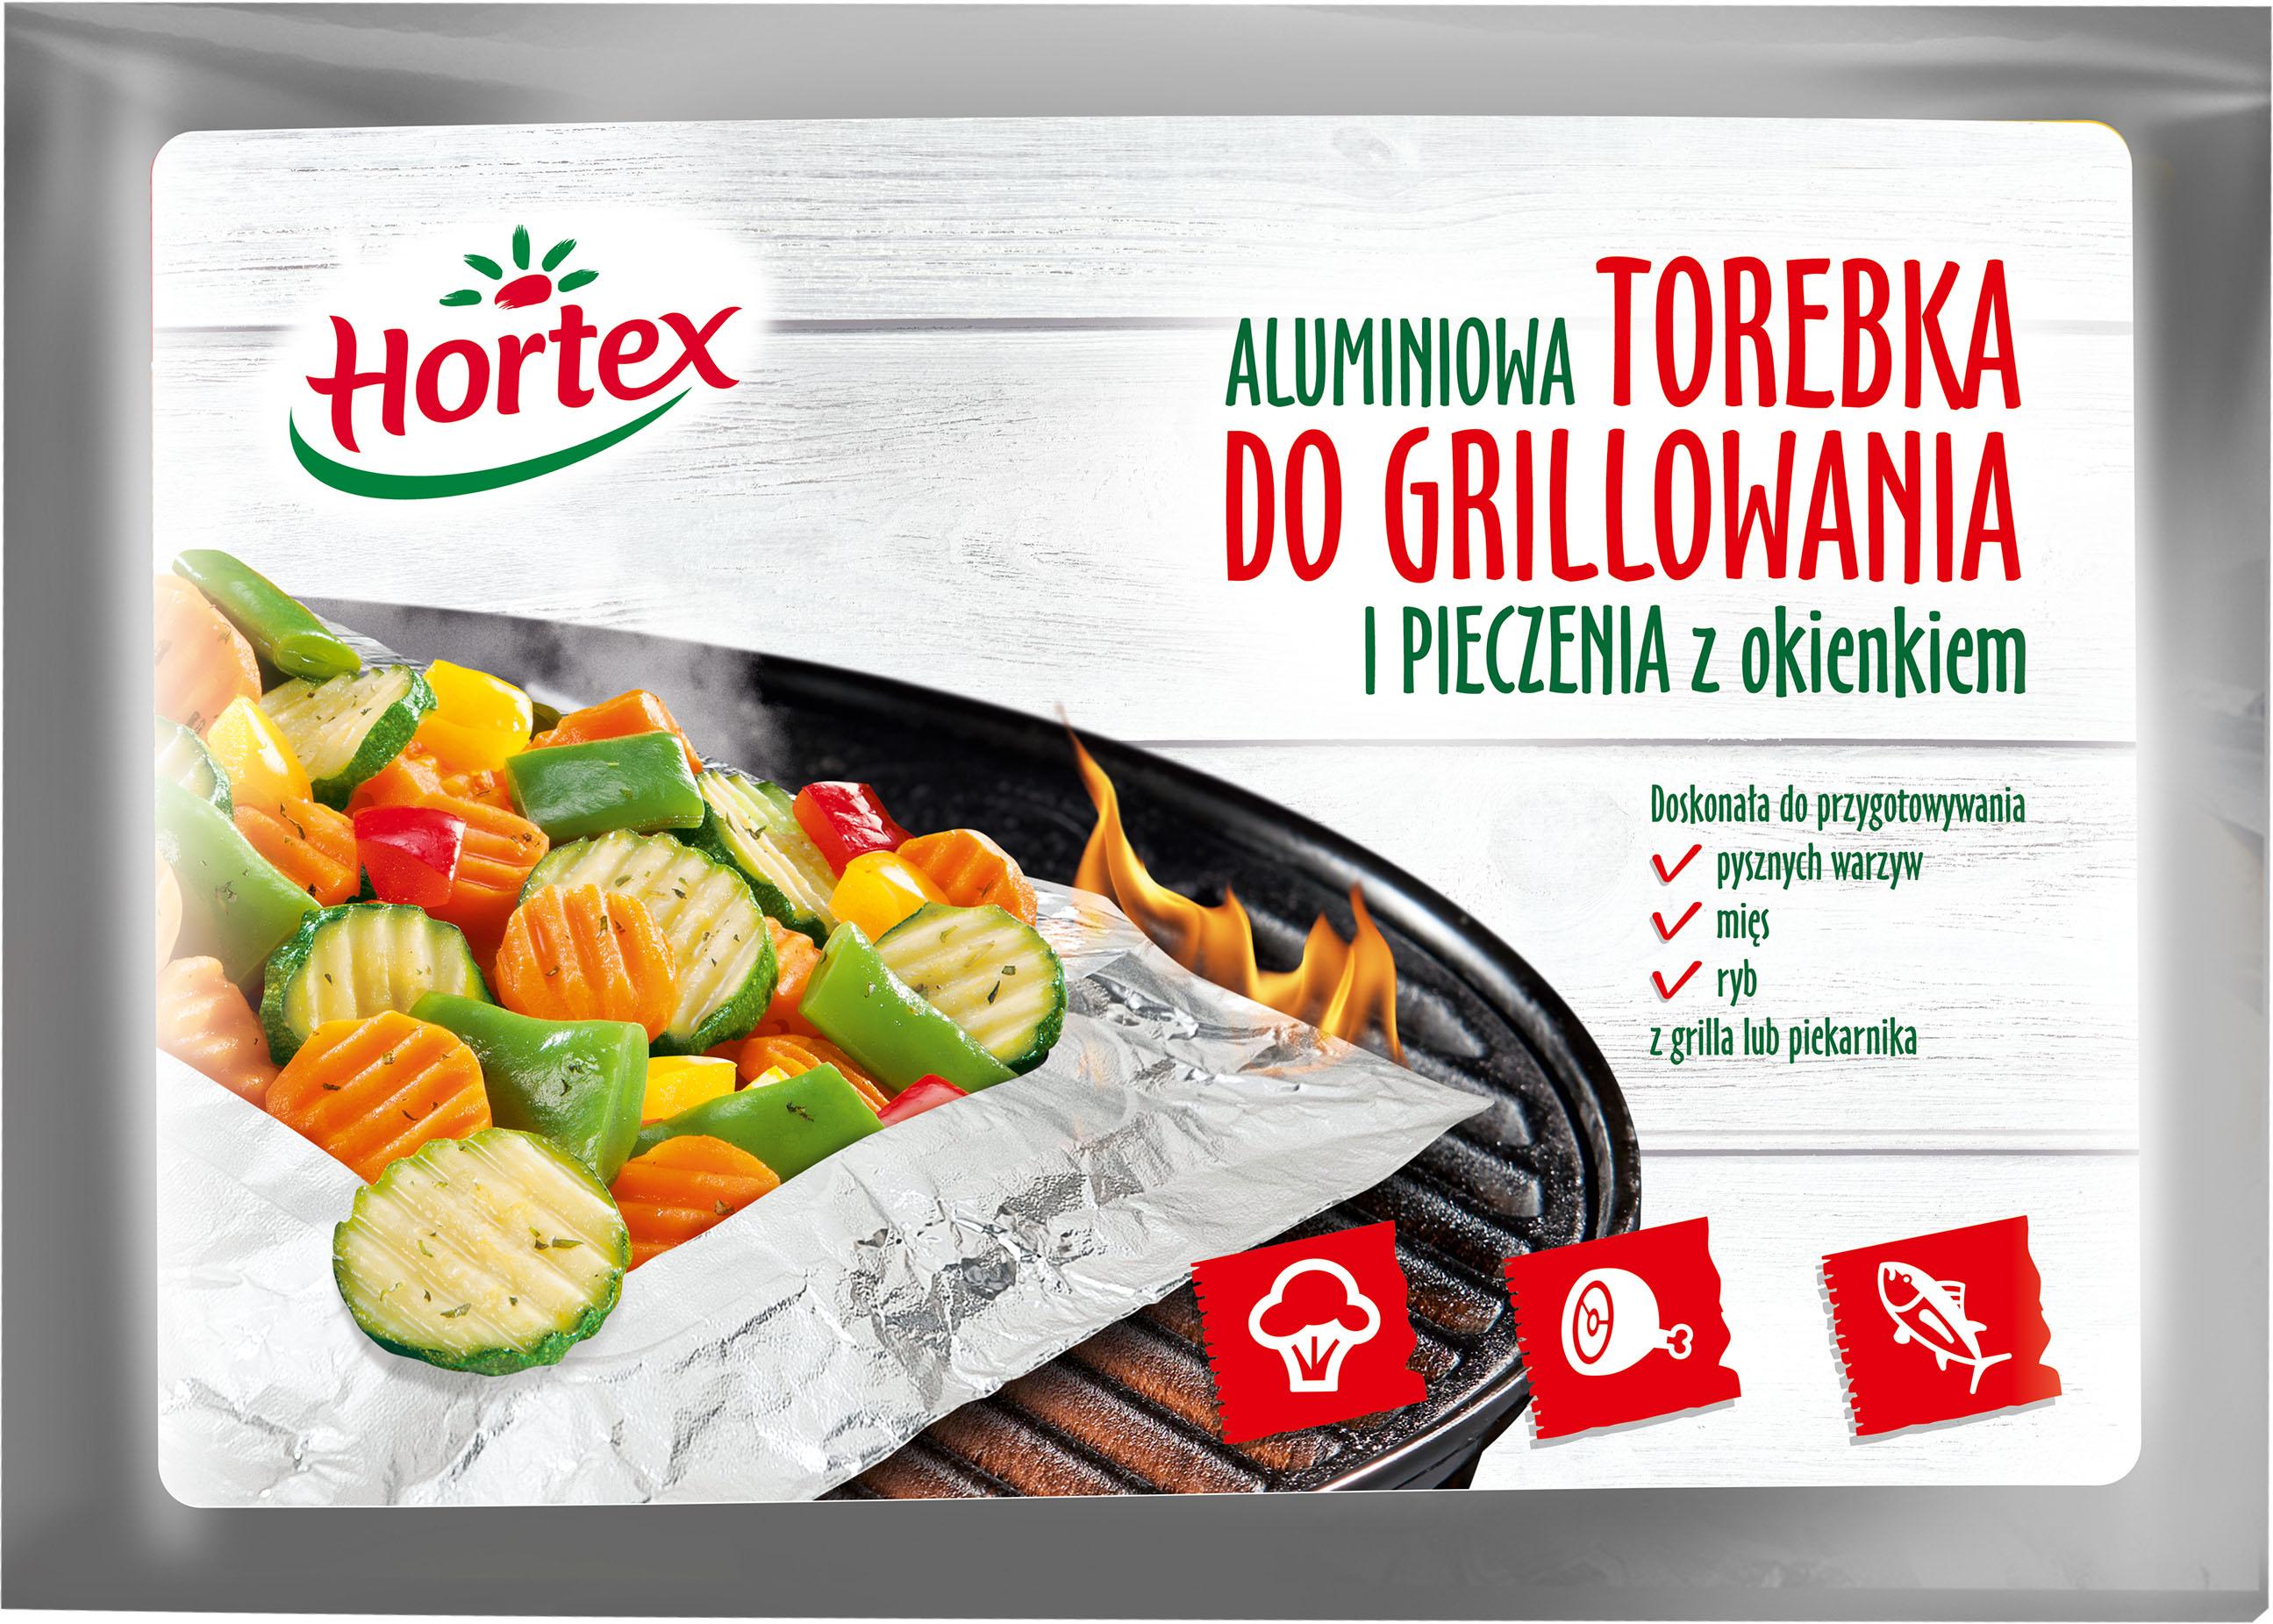 HORTEX Torebka do grillowania